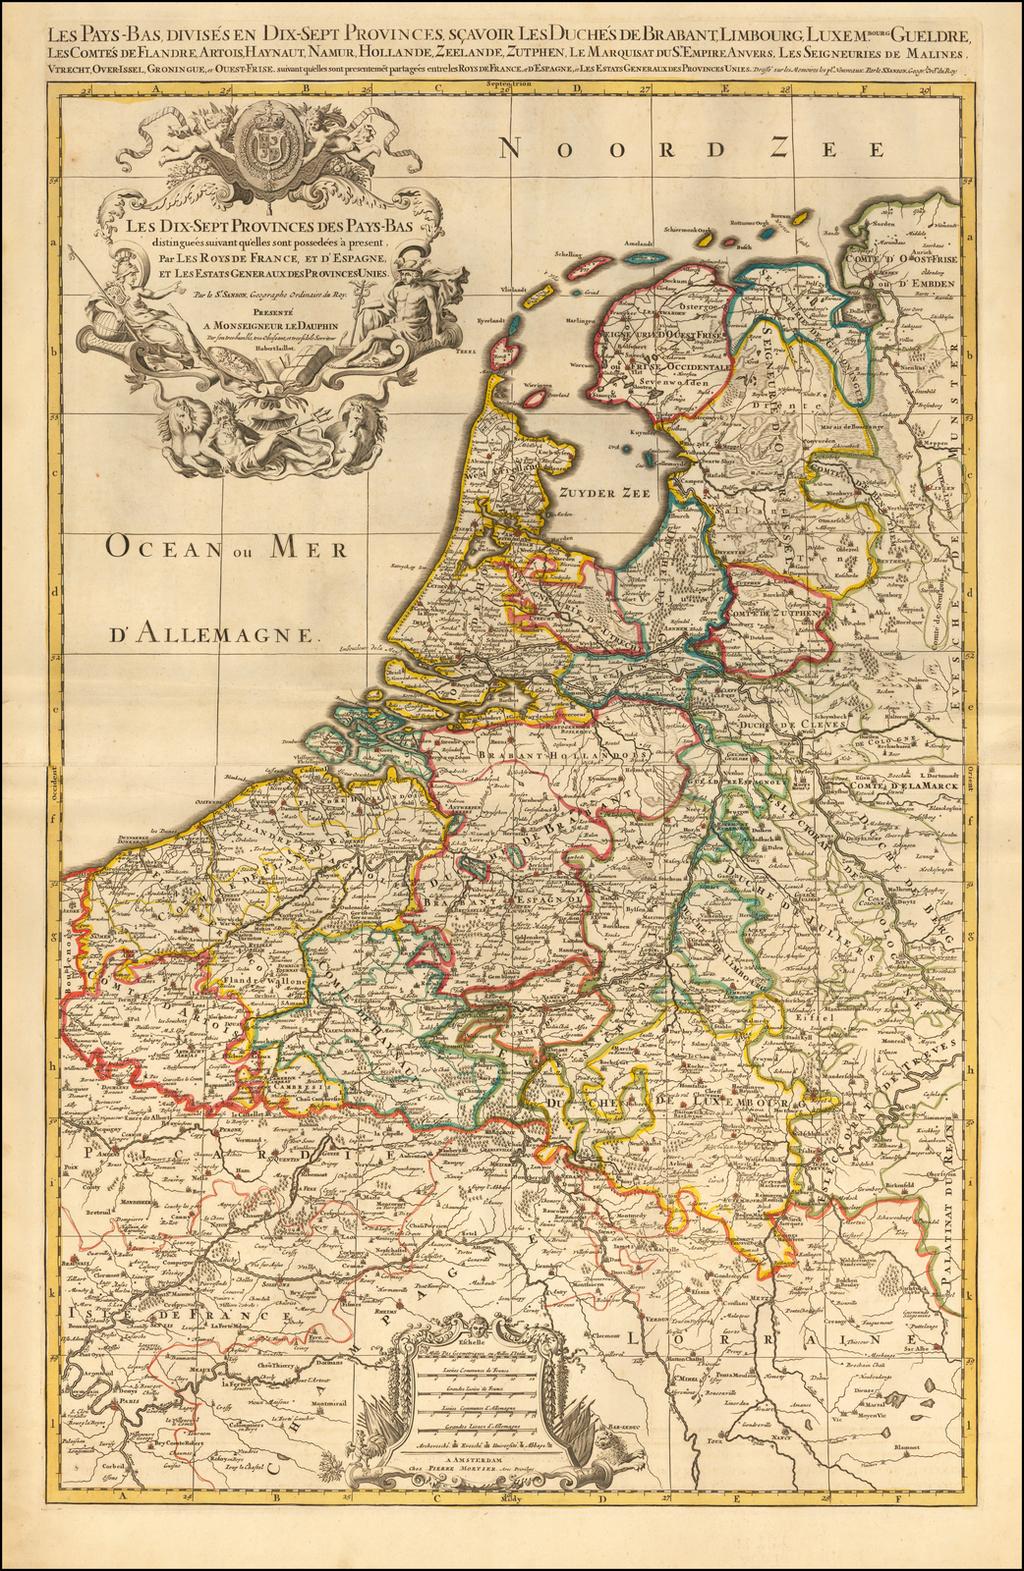 Les Dix-Sept Provinces Des Pays-Bas distinguees suivant qu'elles sont possedees a present, par Les Roys De France, et D'Espagne, et Les Estats Generaux des Provinces Unies. By Alexis-Hubert Jaillot